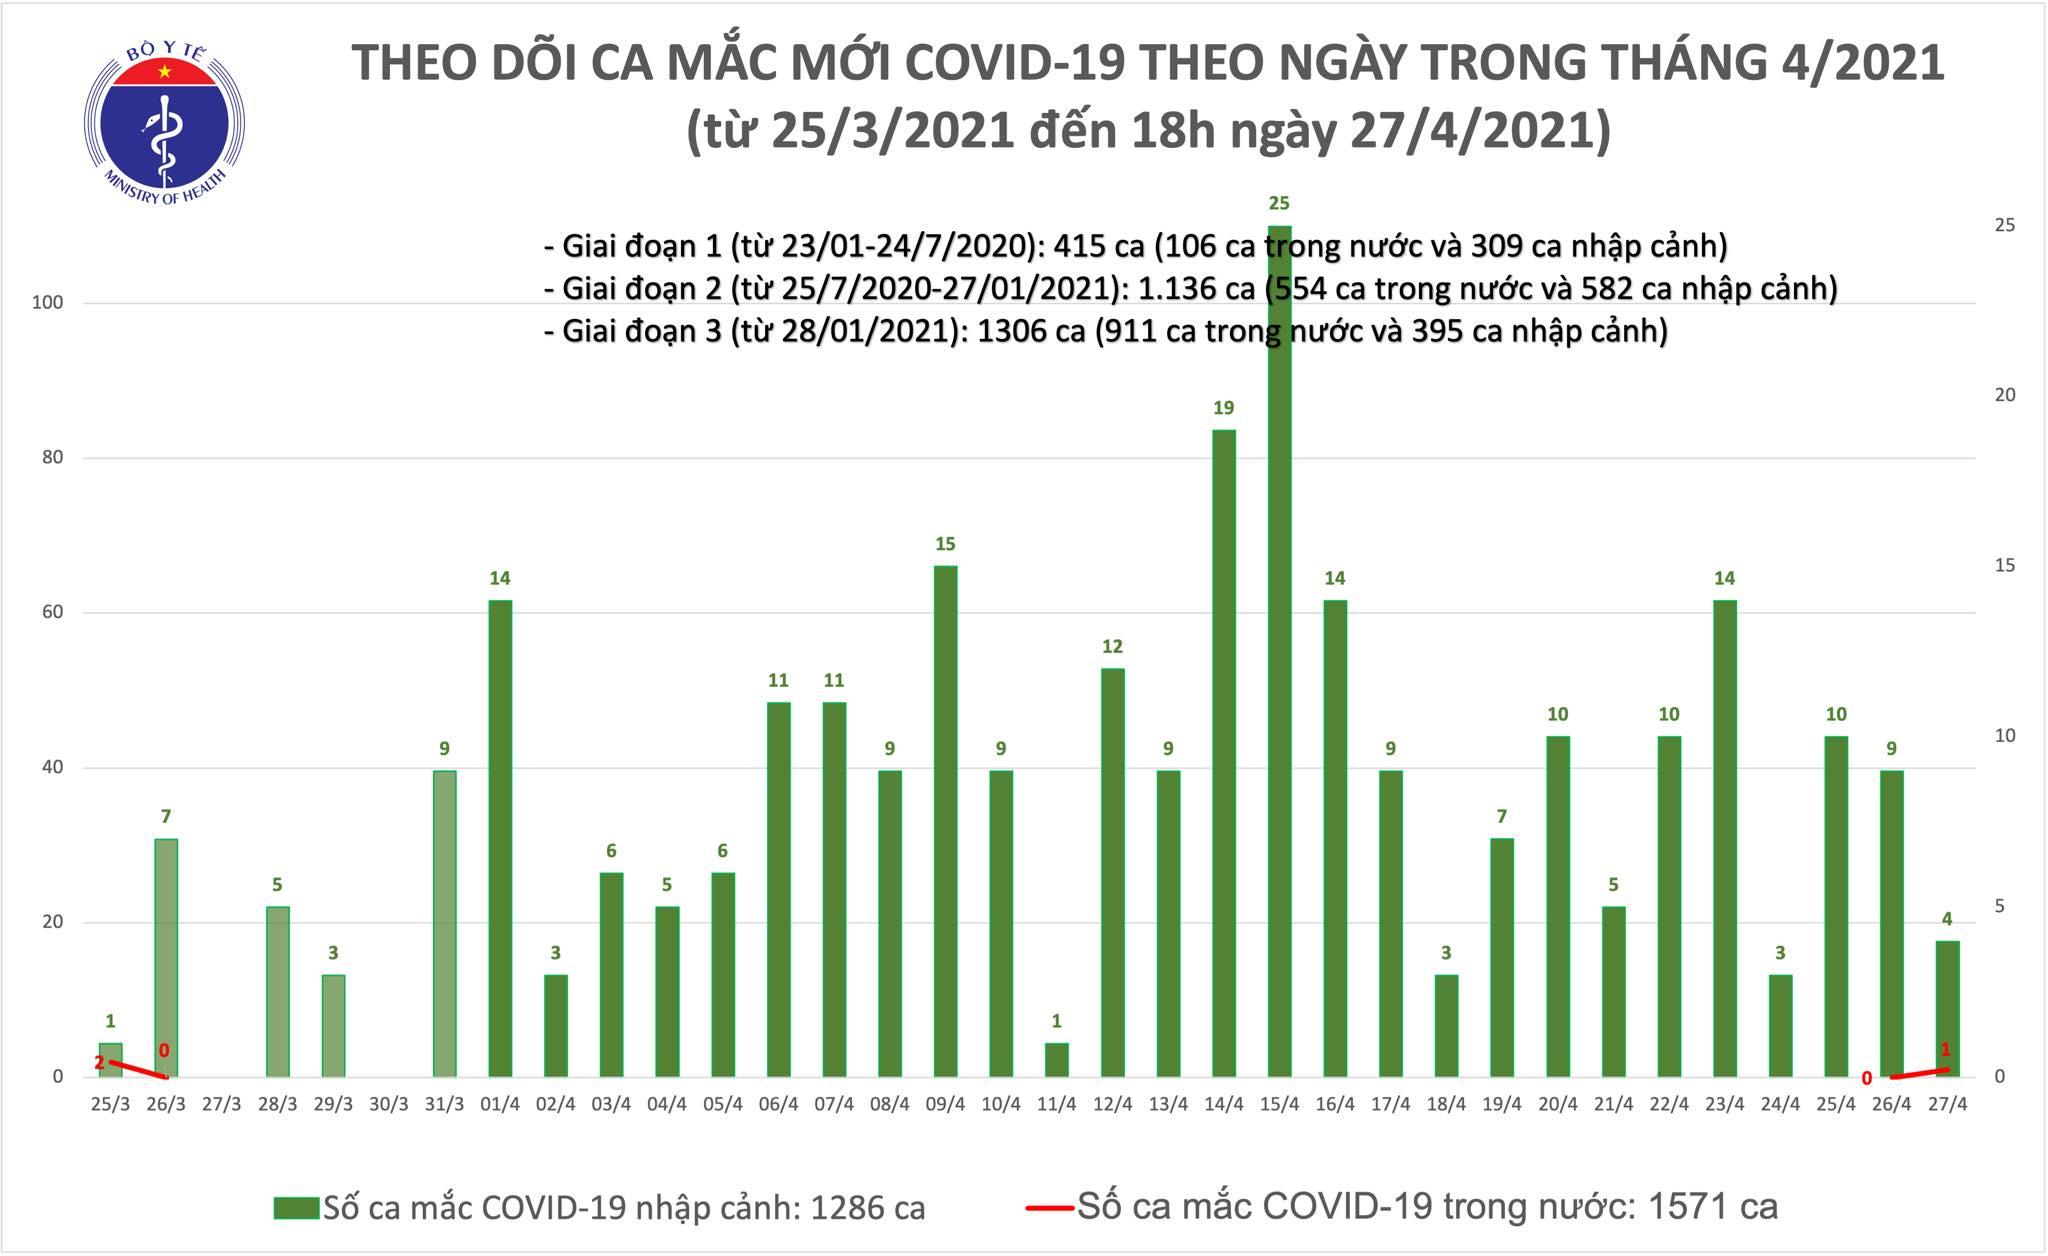 Chiều 27/4: Thêm 5 ca mắc COVID-19, trong đó 1 trường hợp lây nhiễm tại nơi cách ly - Ảnh 1.